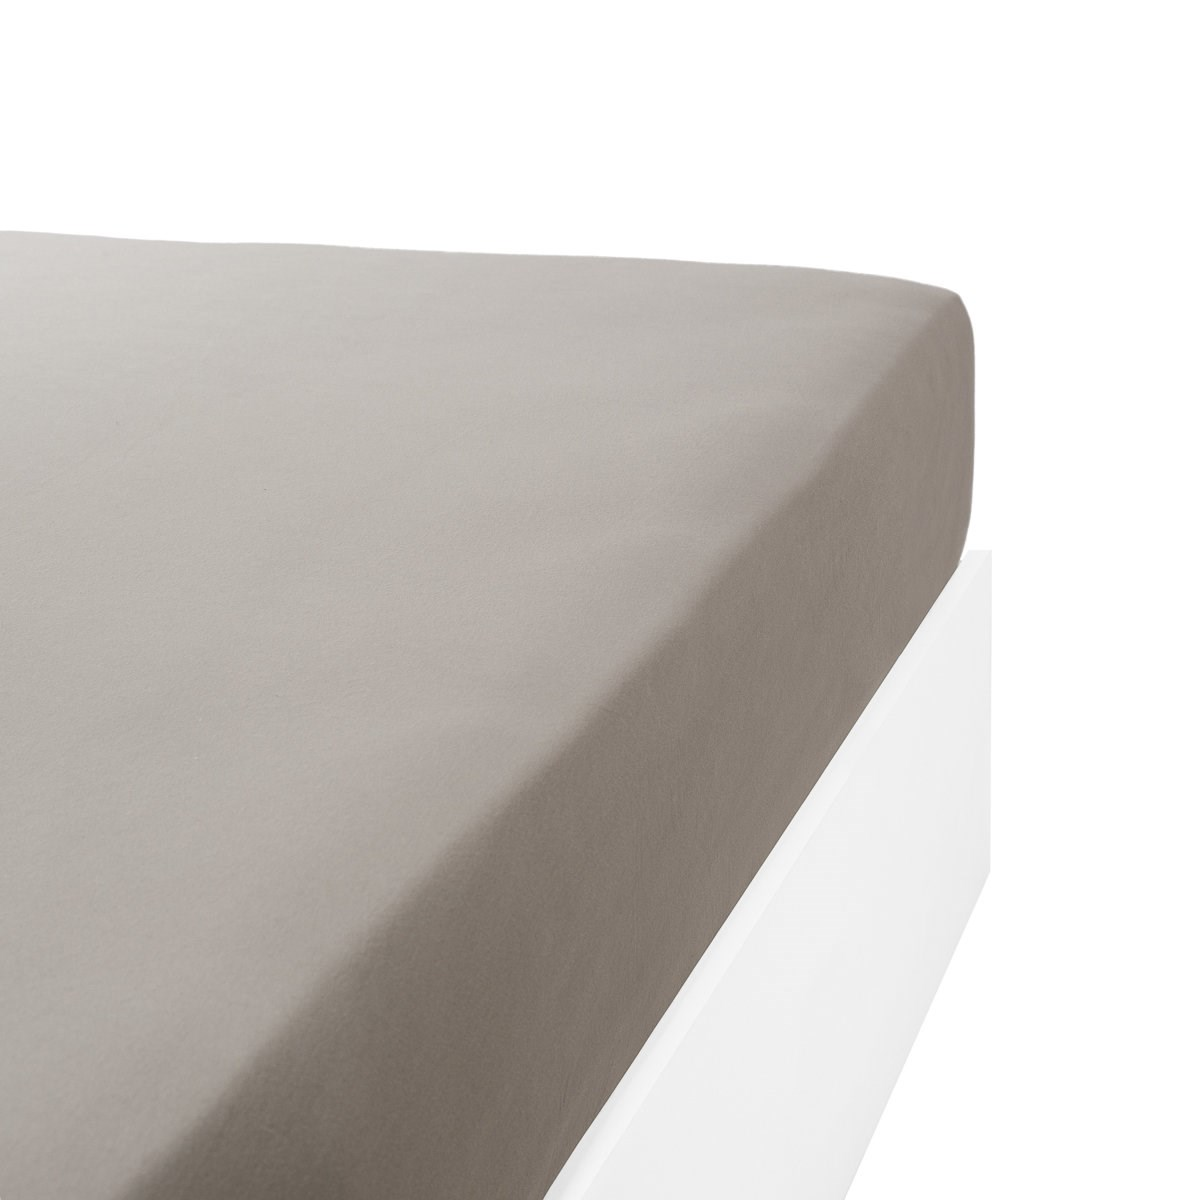 Drap housse jersey extensible lit double en coton gris 80x200 cm